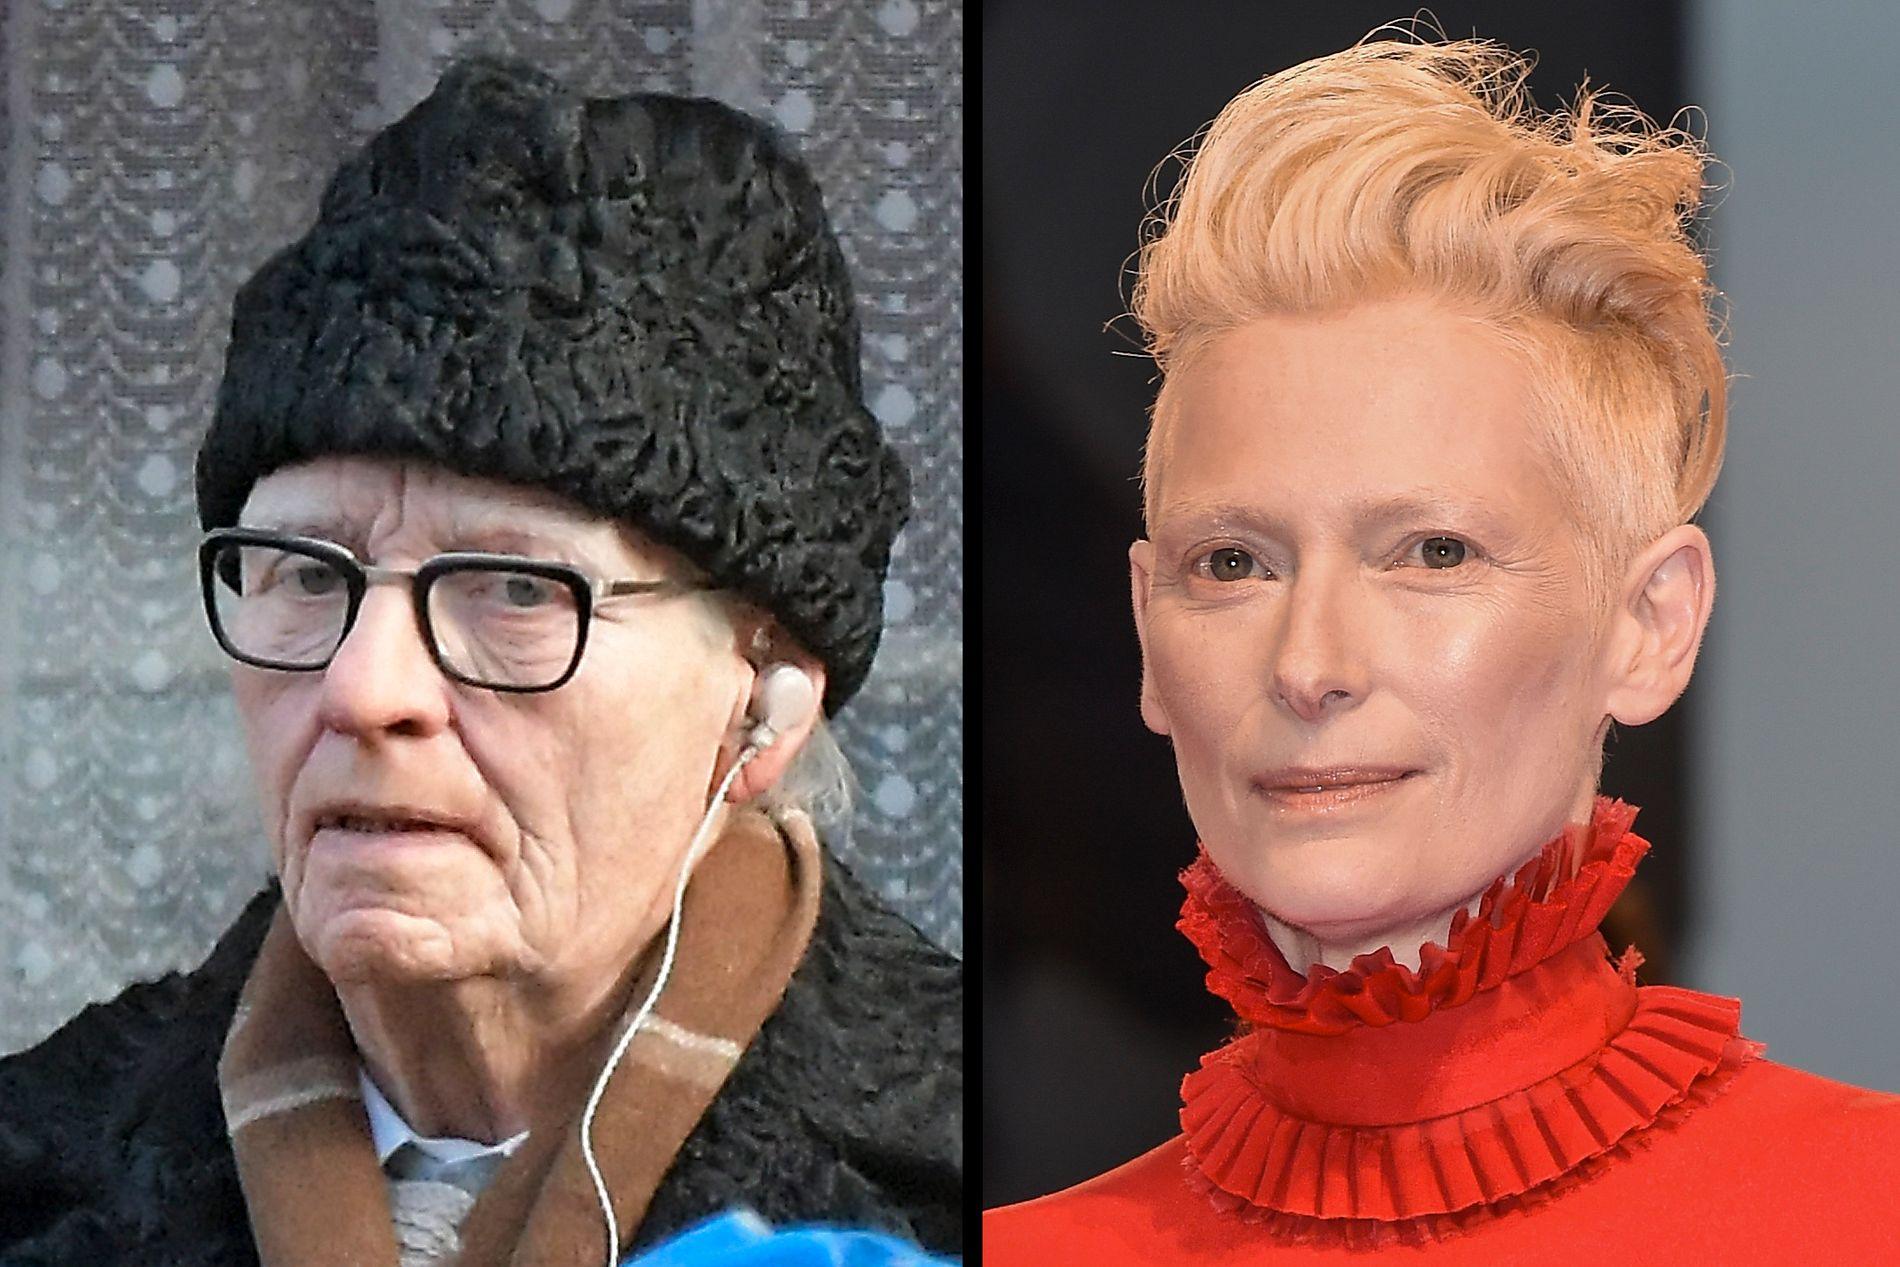 MEN ER DET IKKE? Lutz Ebersdorf og Tilda Swinton. Eller Tilda Swinton og Tilda Swinton? Ingen endelige svar er gitt.